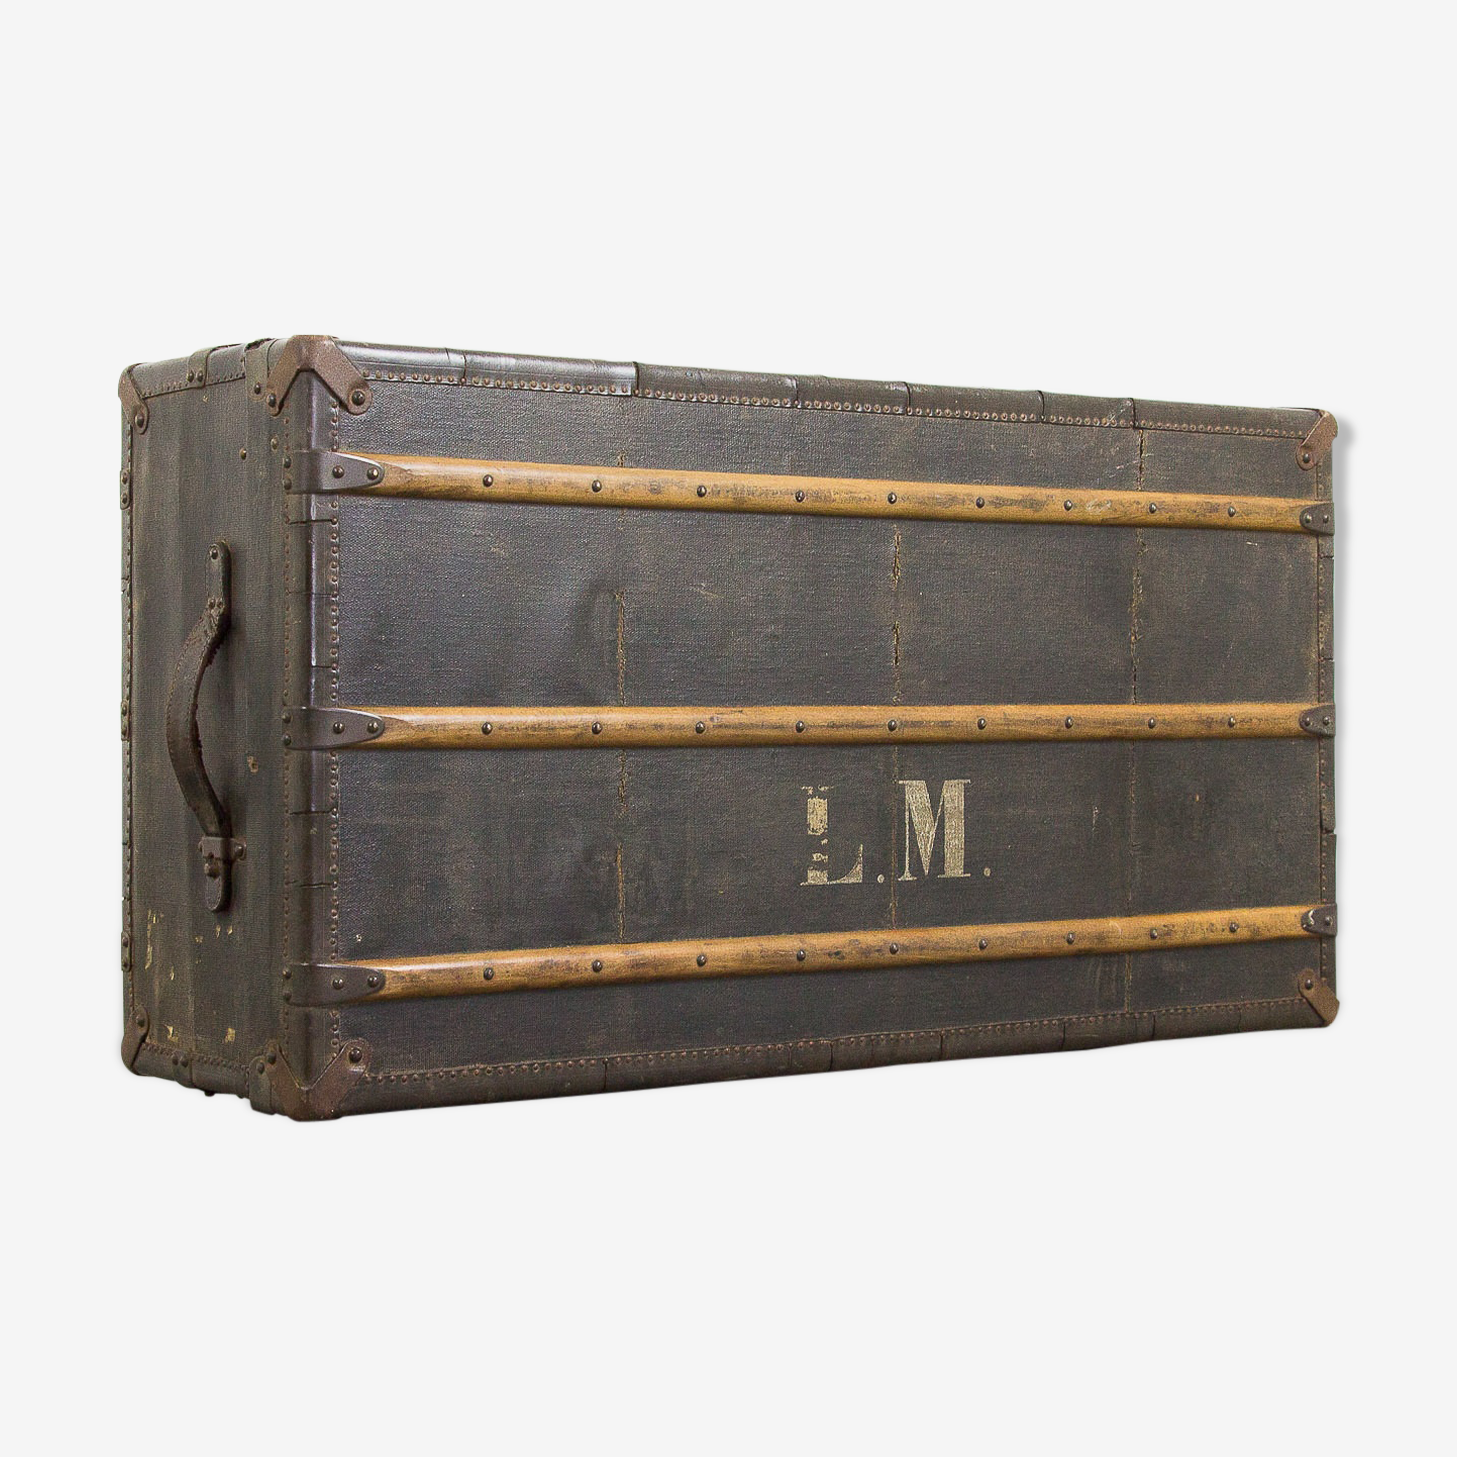 Valise de musicien antique «L.M.»